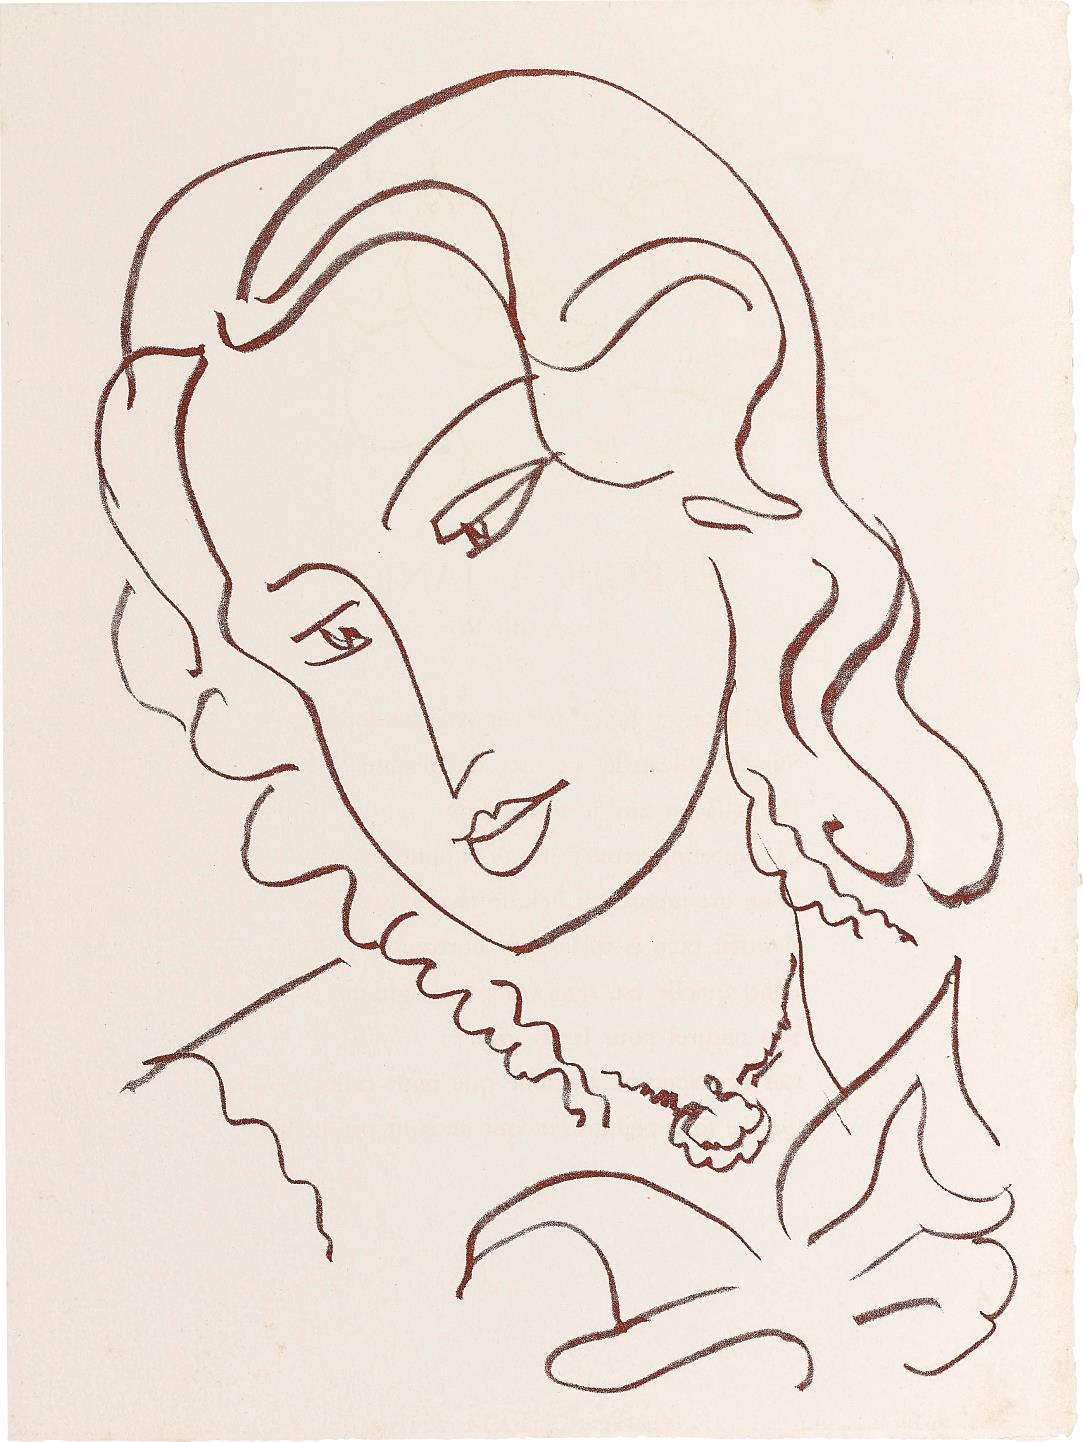 Henri Matisse-Florilege des amours de Ronsard (Anthology of Love, by Ronsard)-1949